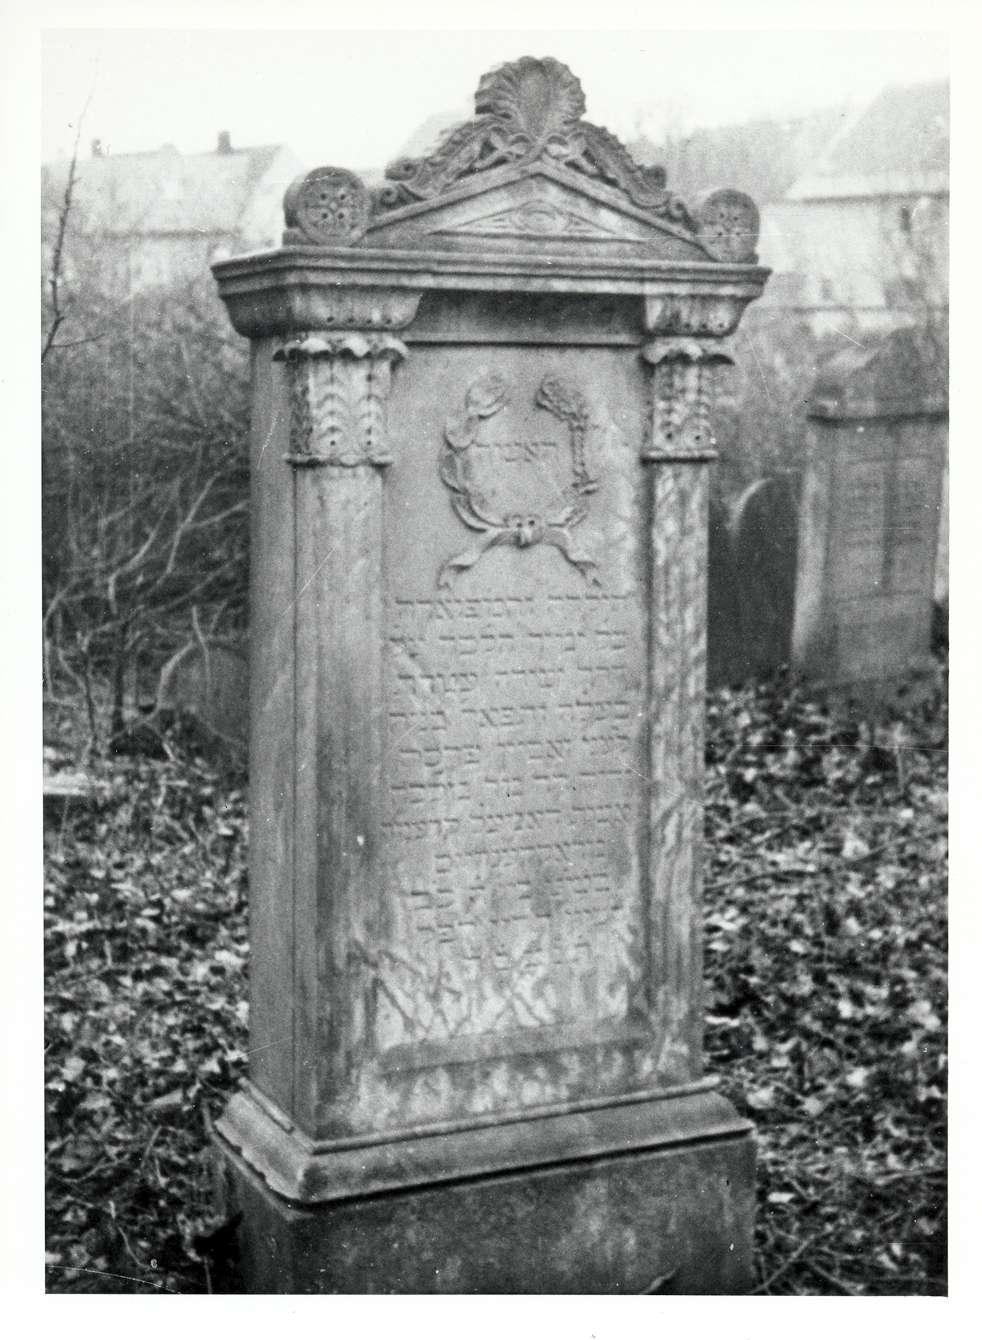 Wiesloch, HD; Jüdischer Friedhof, Grabstein, Bild 1